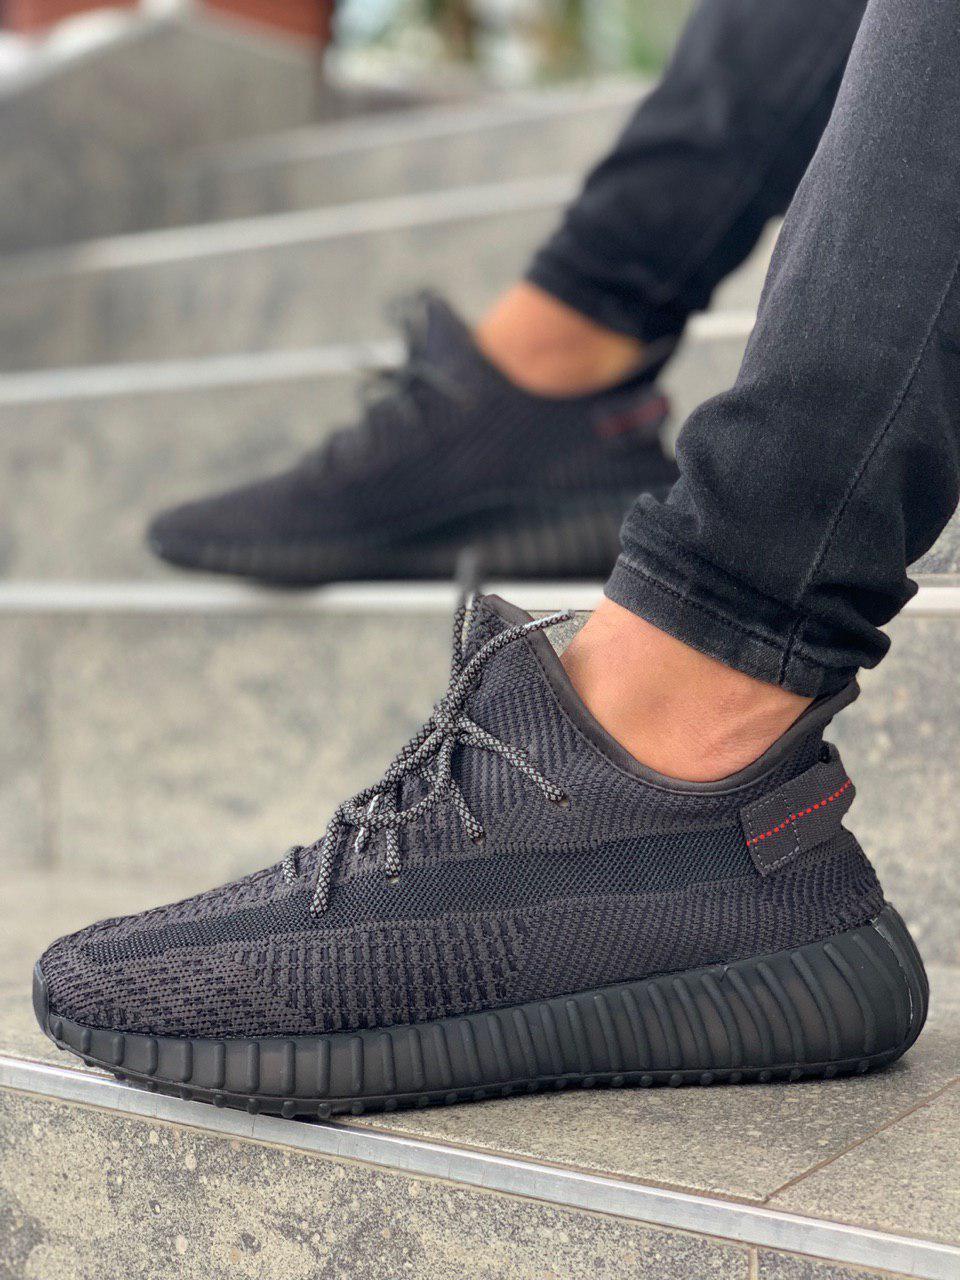 Женские кроссовки Adidas Yeezy Boost 350 , Реплика